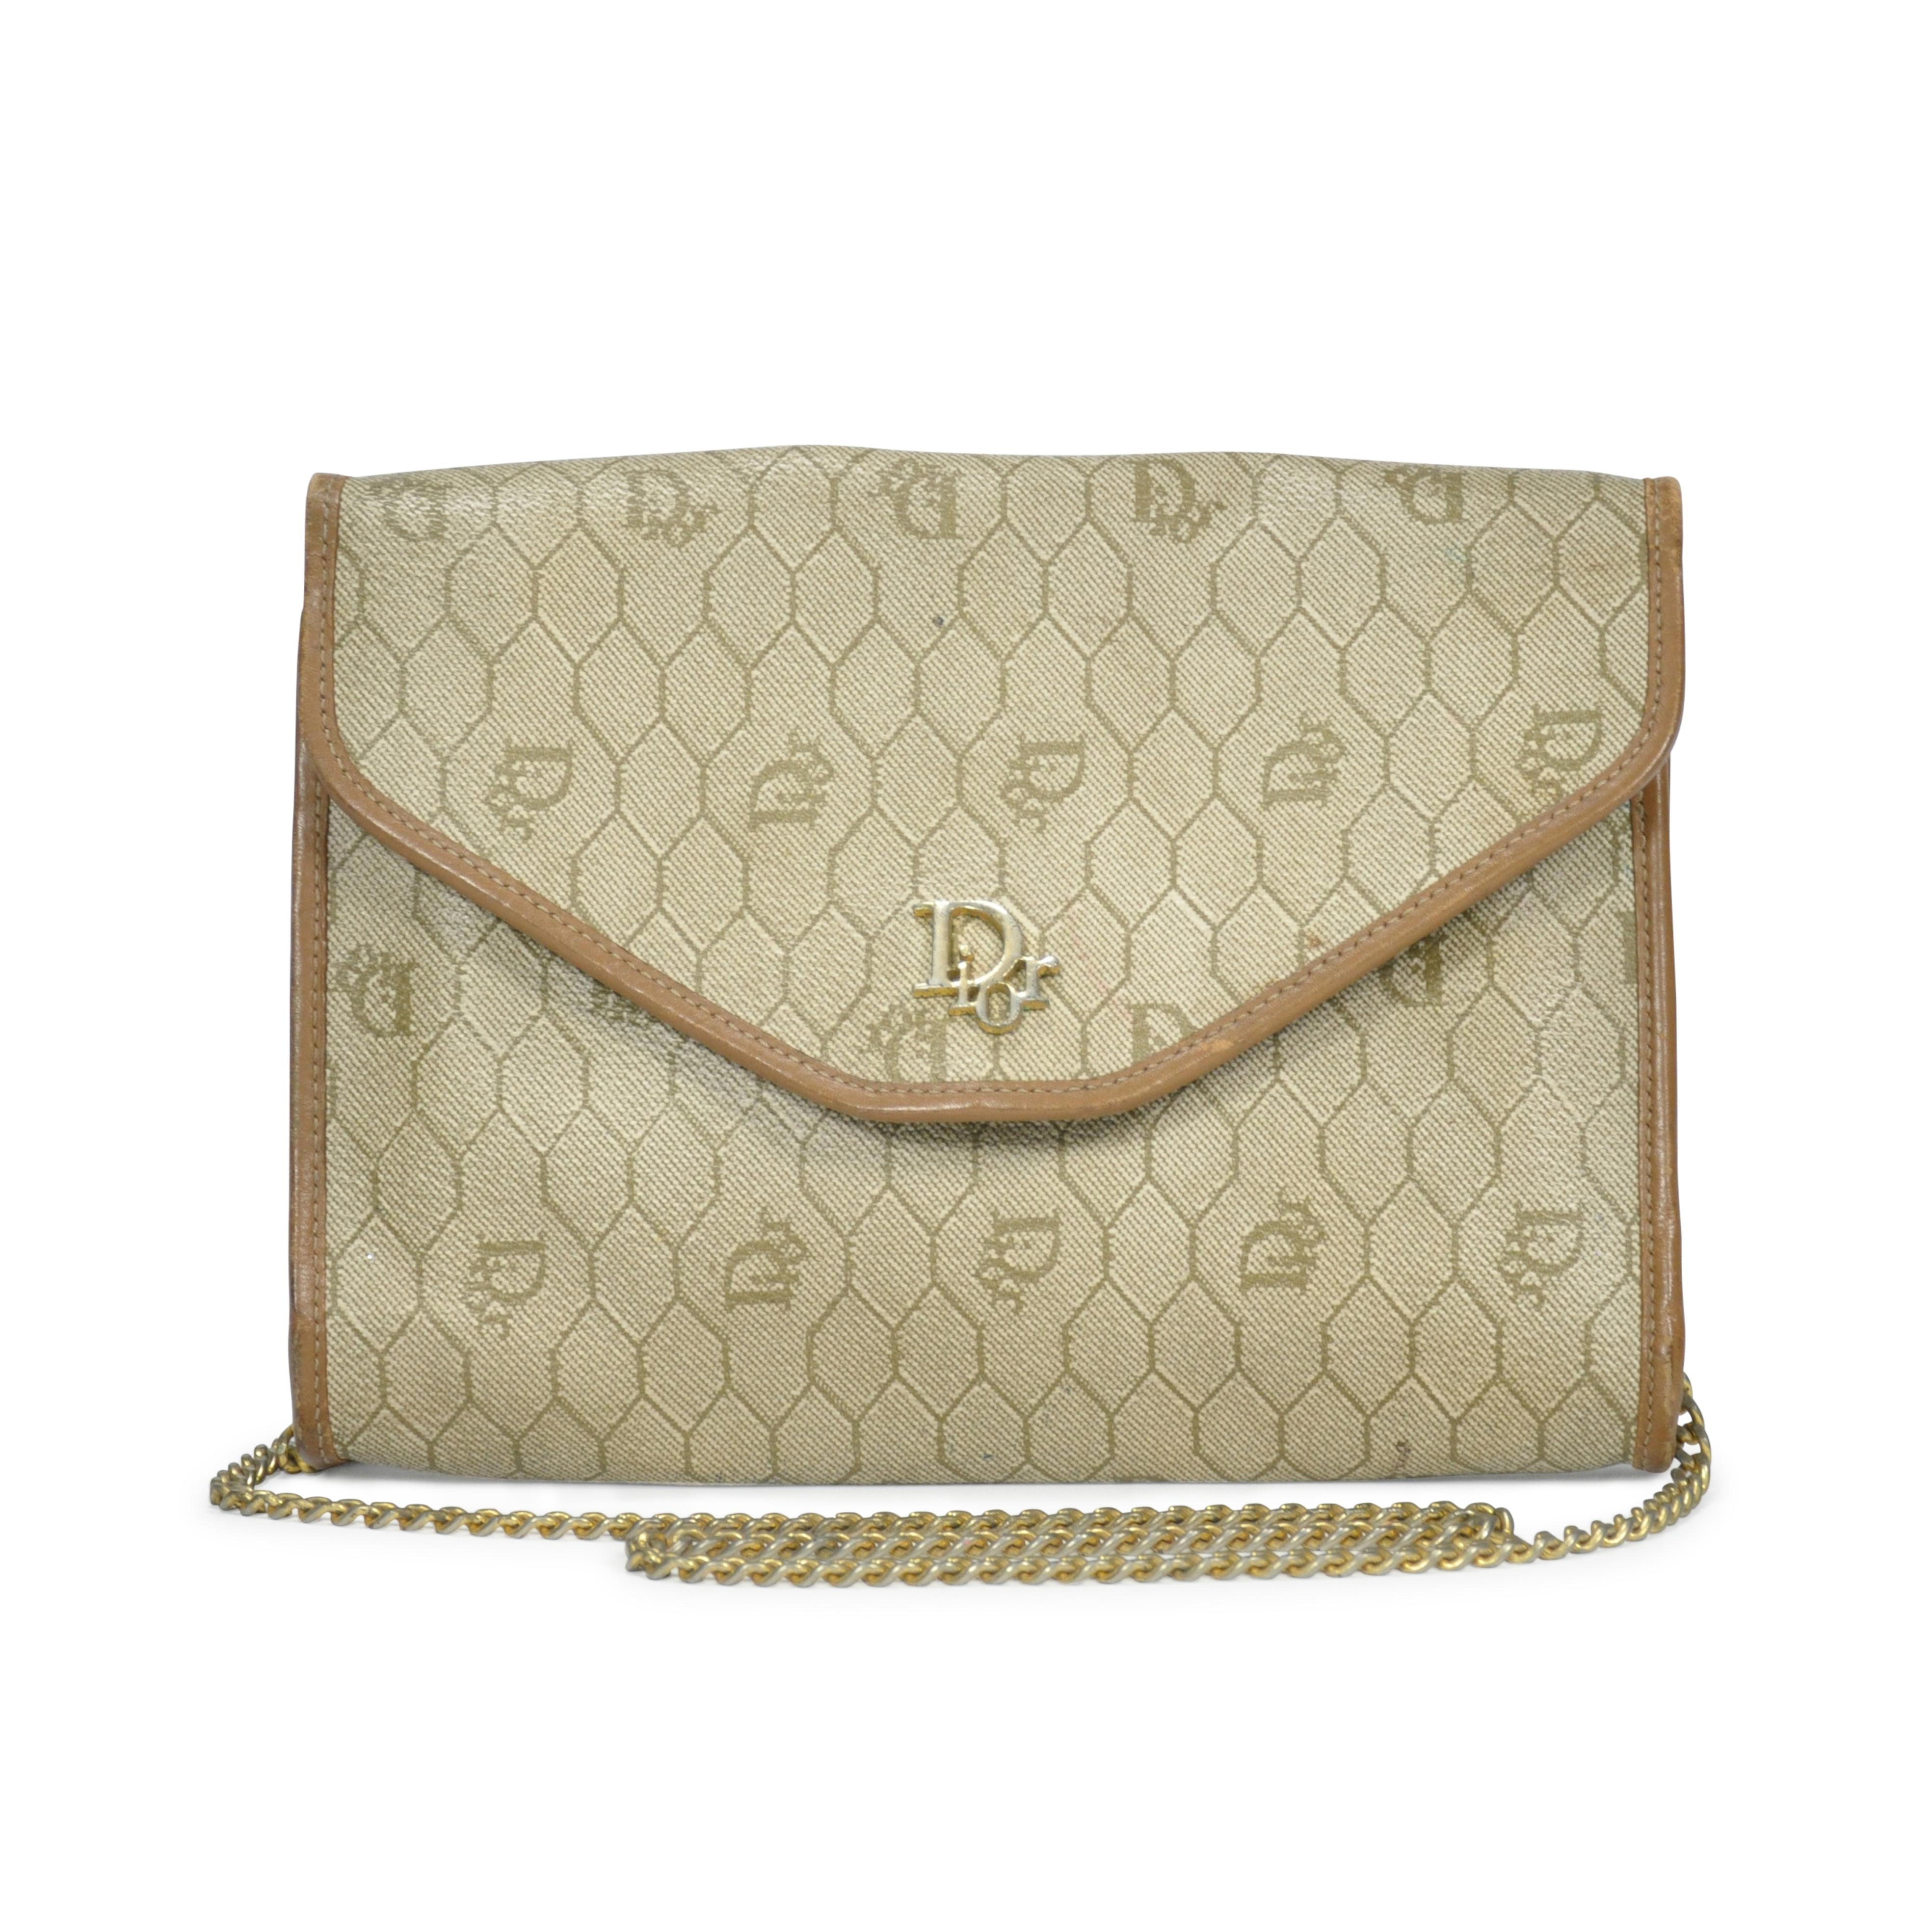 a3bdc52e103d Authentic Vintage Dior Honeycomb Chain Strap Bag (PSS-201-00006 ...